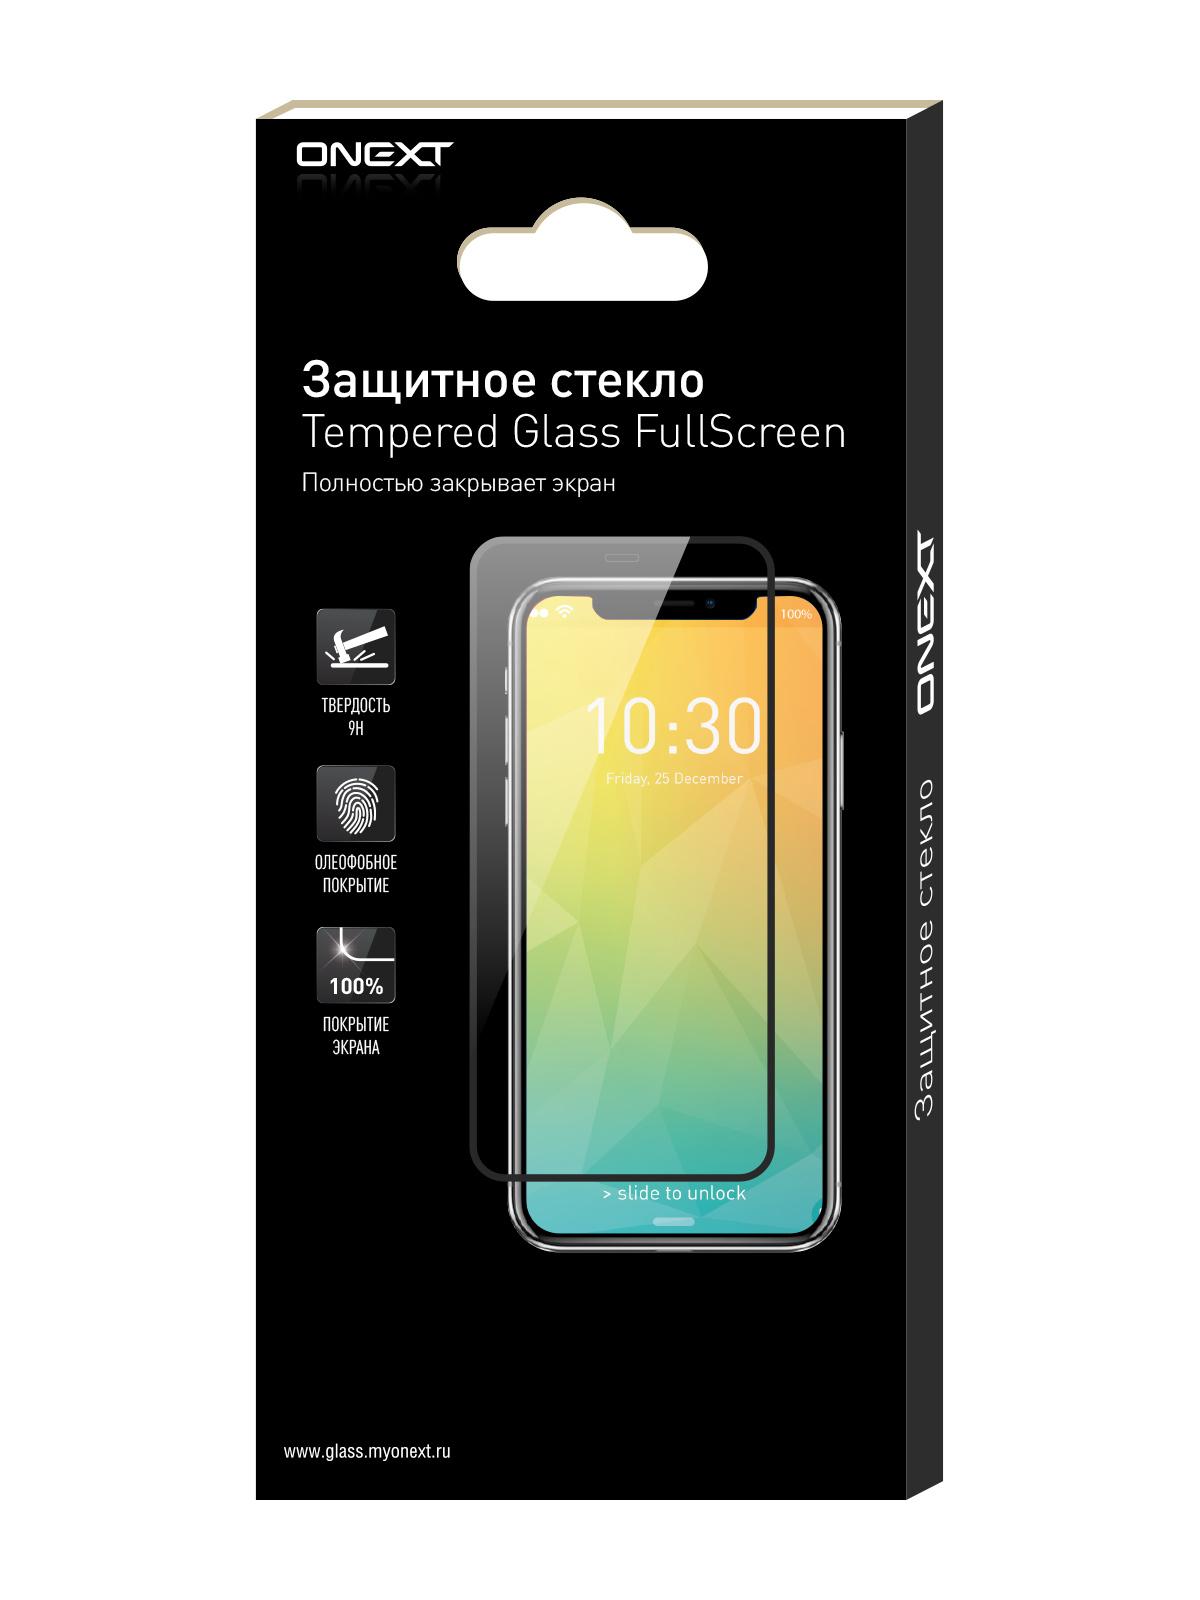 Защитное стекло ONEXT для Nokia 8 Black